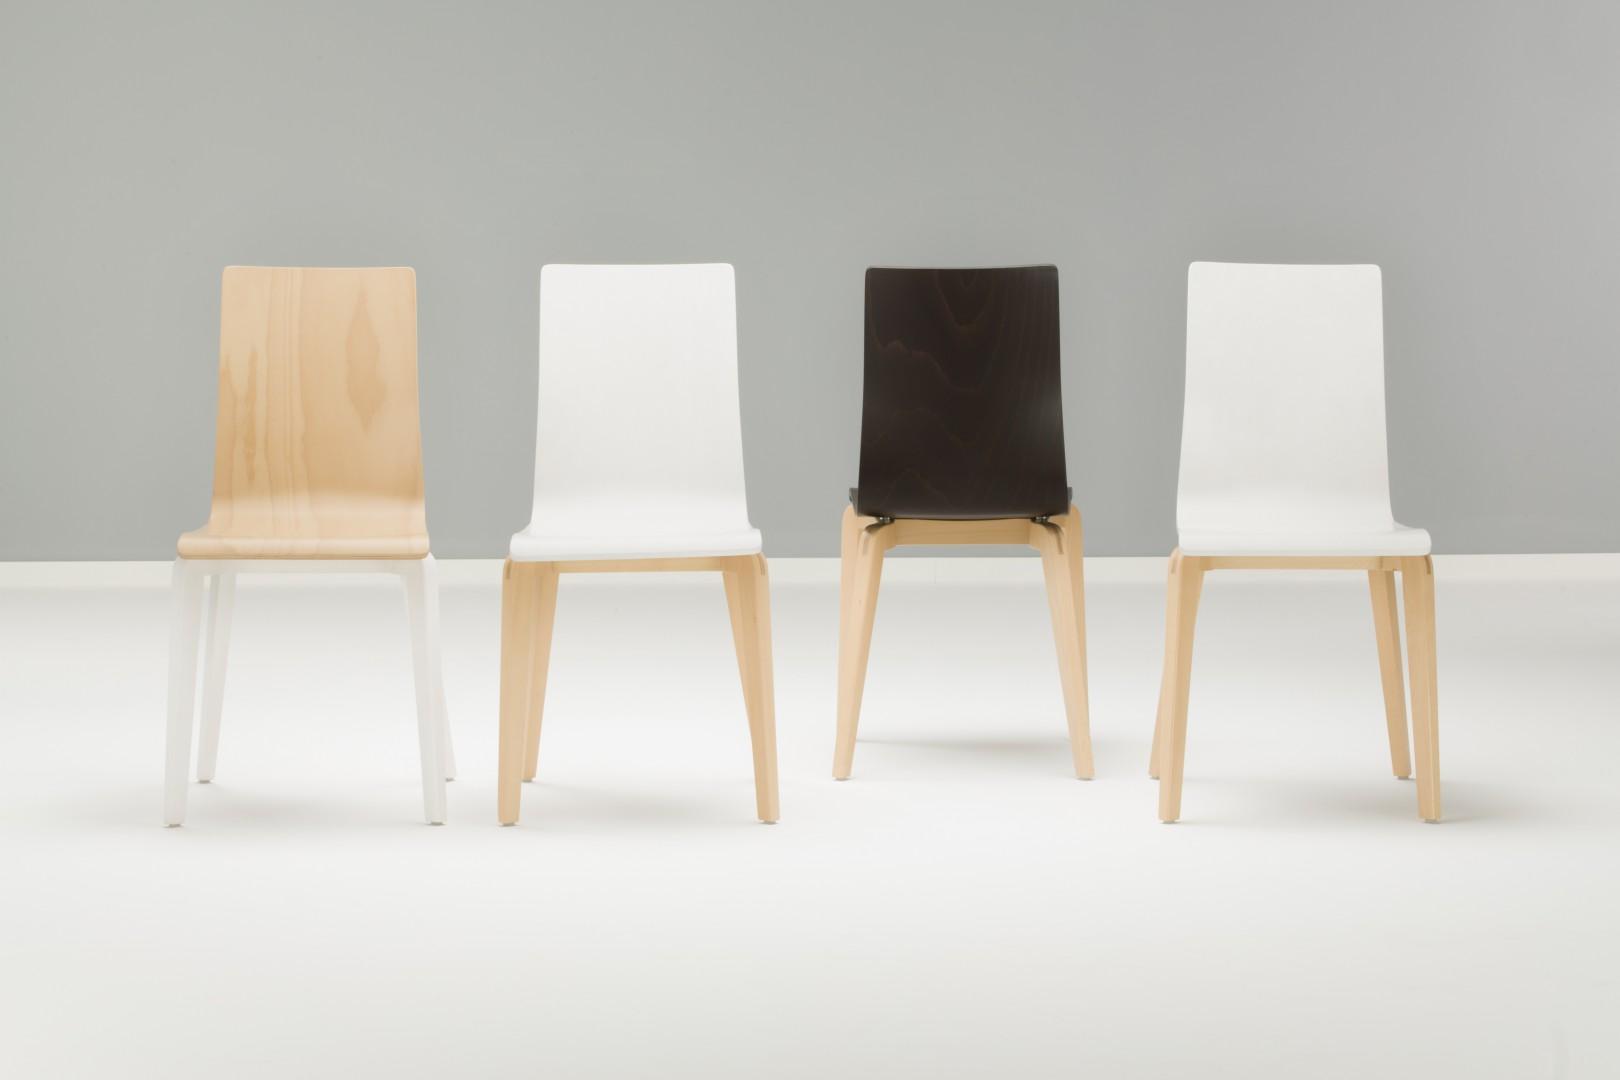 Krzesła z serii Cafe (Grupa Nowy Styl) na drewnianych nogach. Fot. Grupa Nowy Styl